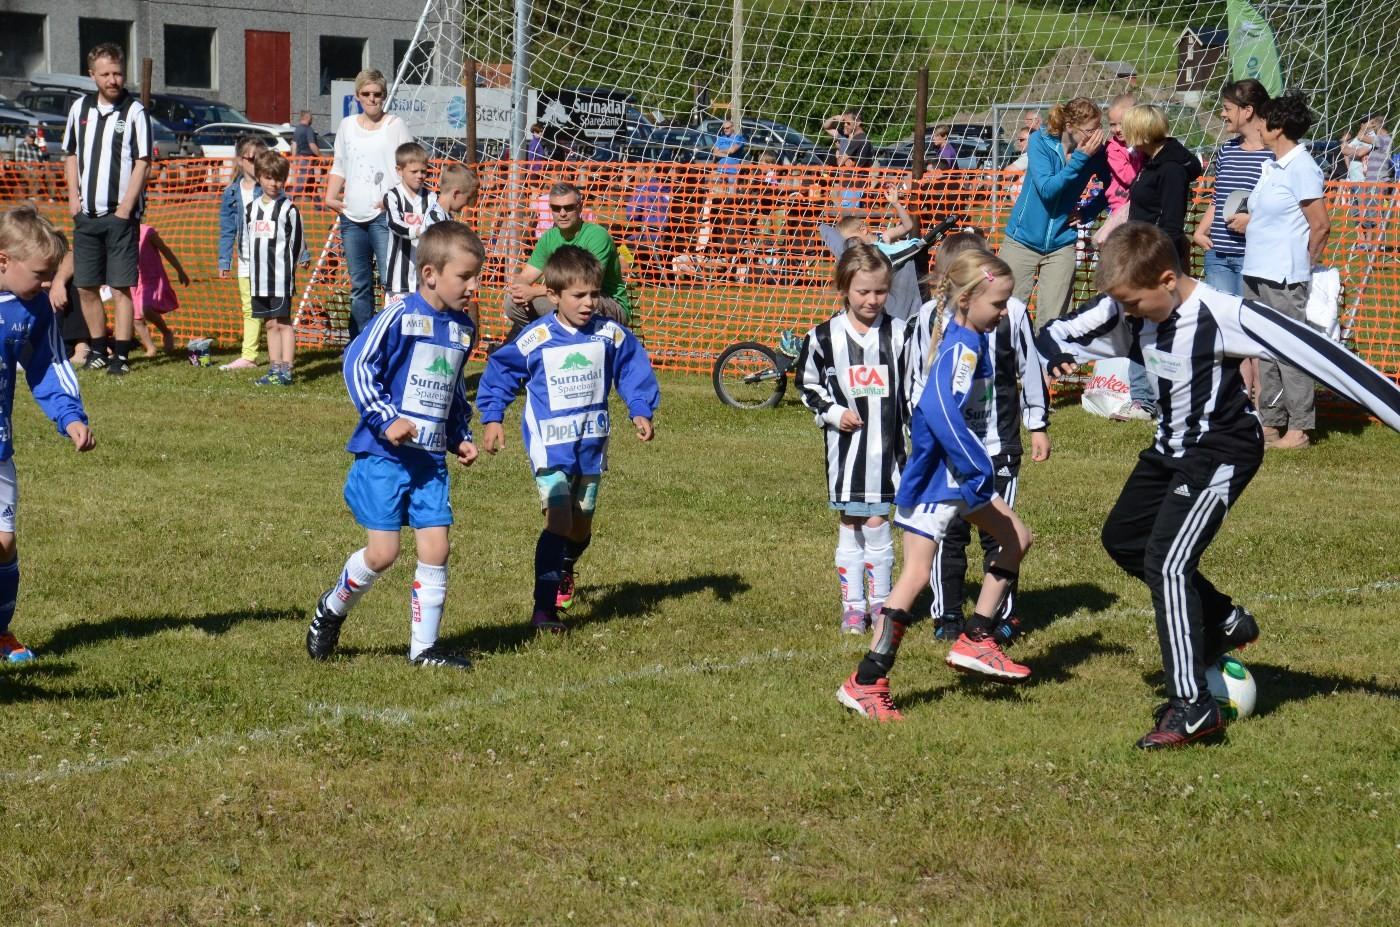 Kamp om ballen heile dagen - ein fenomena innsats frå både knøtter, lilleputter og andre.  Foto: Jon Olav Ørsal